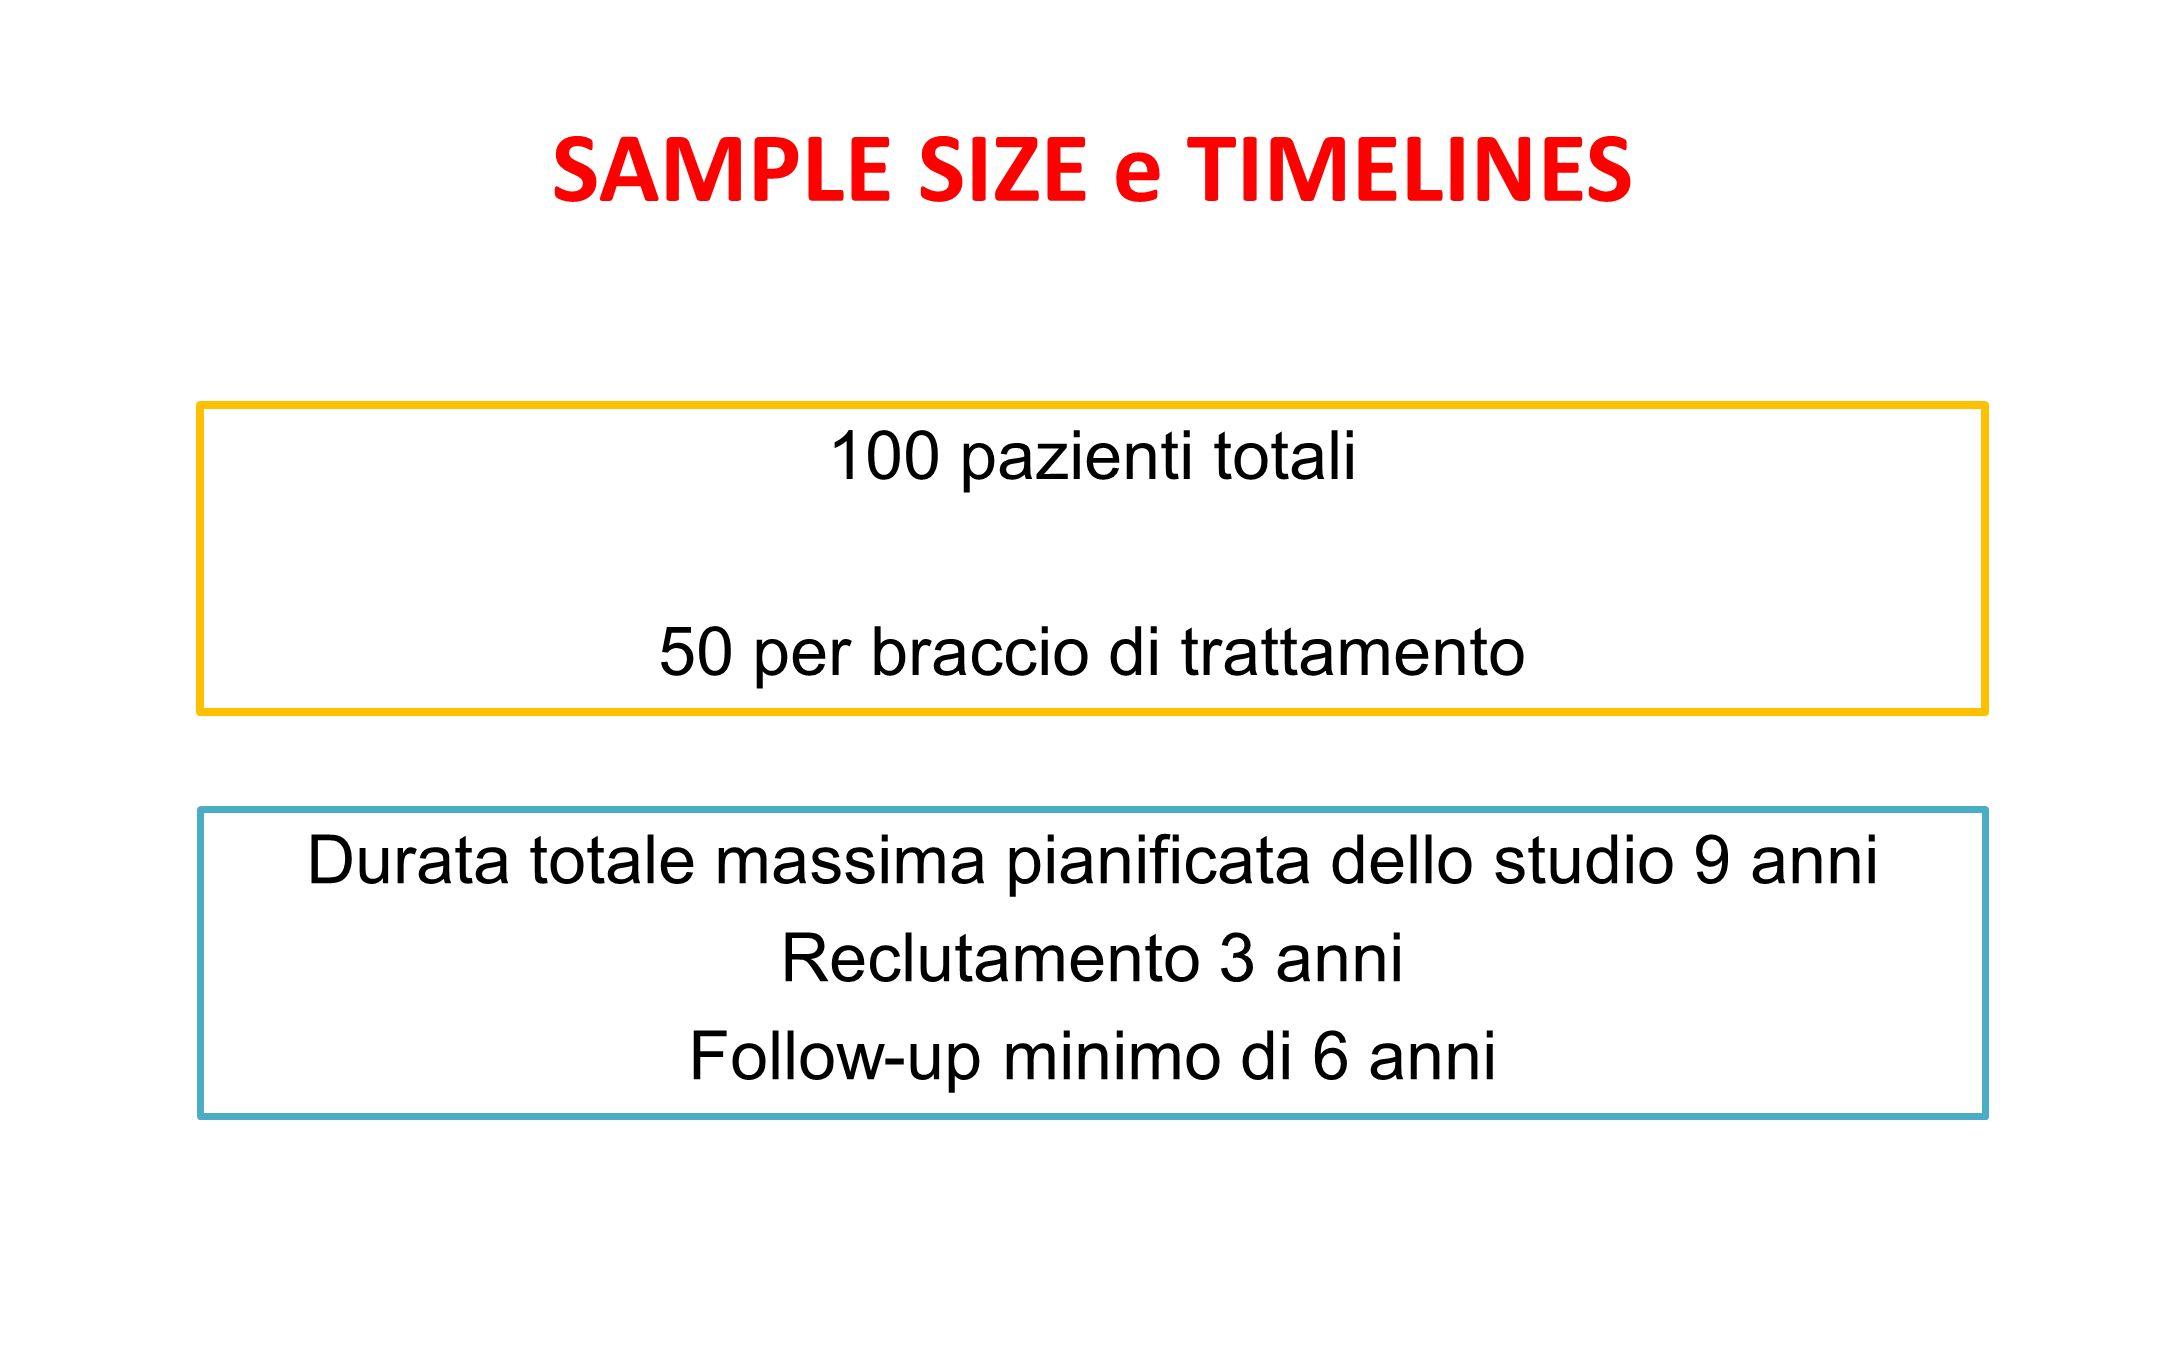 SAMPLE SIZE e TIMELINES 100 pazienti totali 50 per braccio di trattamento Durata totale massima pianificata dello studio 9 anni Reclutamento 3 anni Fo